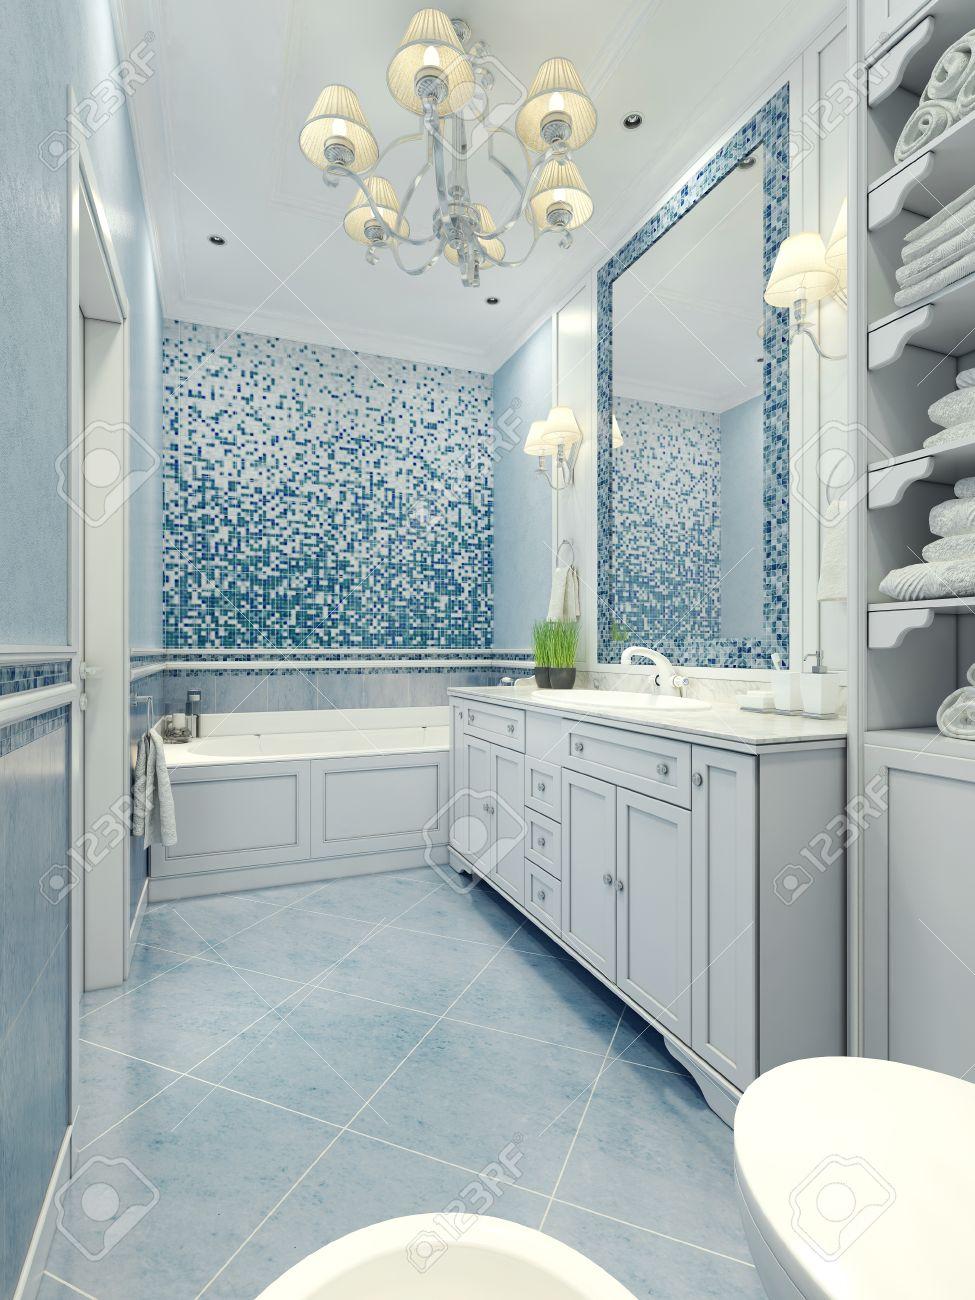 Salle de bains de style Art déco. Salle de bains de long avec un mélange de  la tuile et de la lumière de plâtre couleur bleue. Mosaïque murale et ...